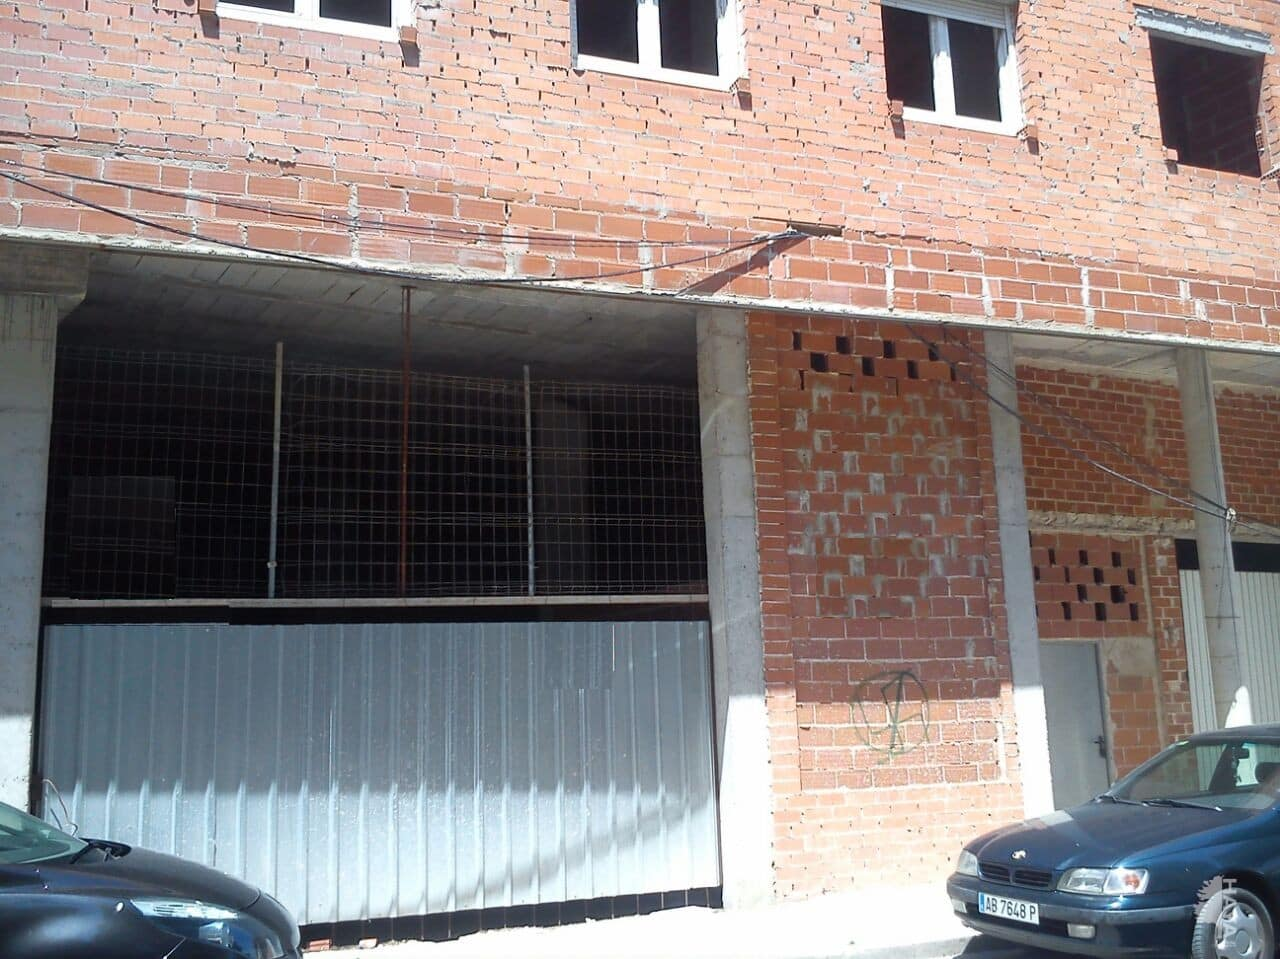 Piso en venta en La Roda, la Roda, Albacete, Calle Juan Garcia Glz, 50.400 €, 1 habitación, 1 baño, 108 m2